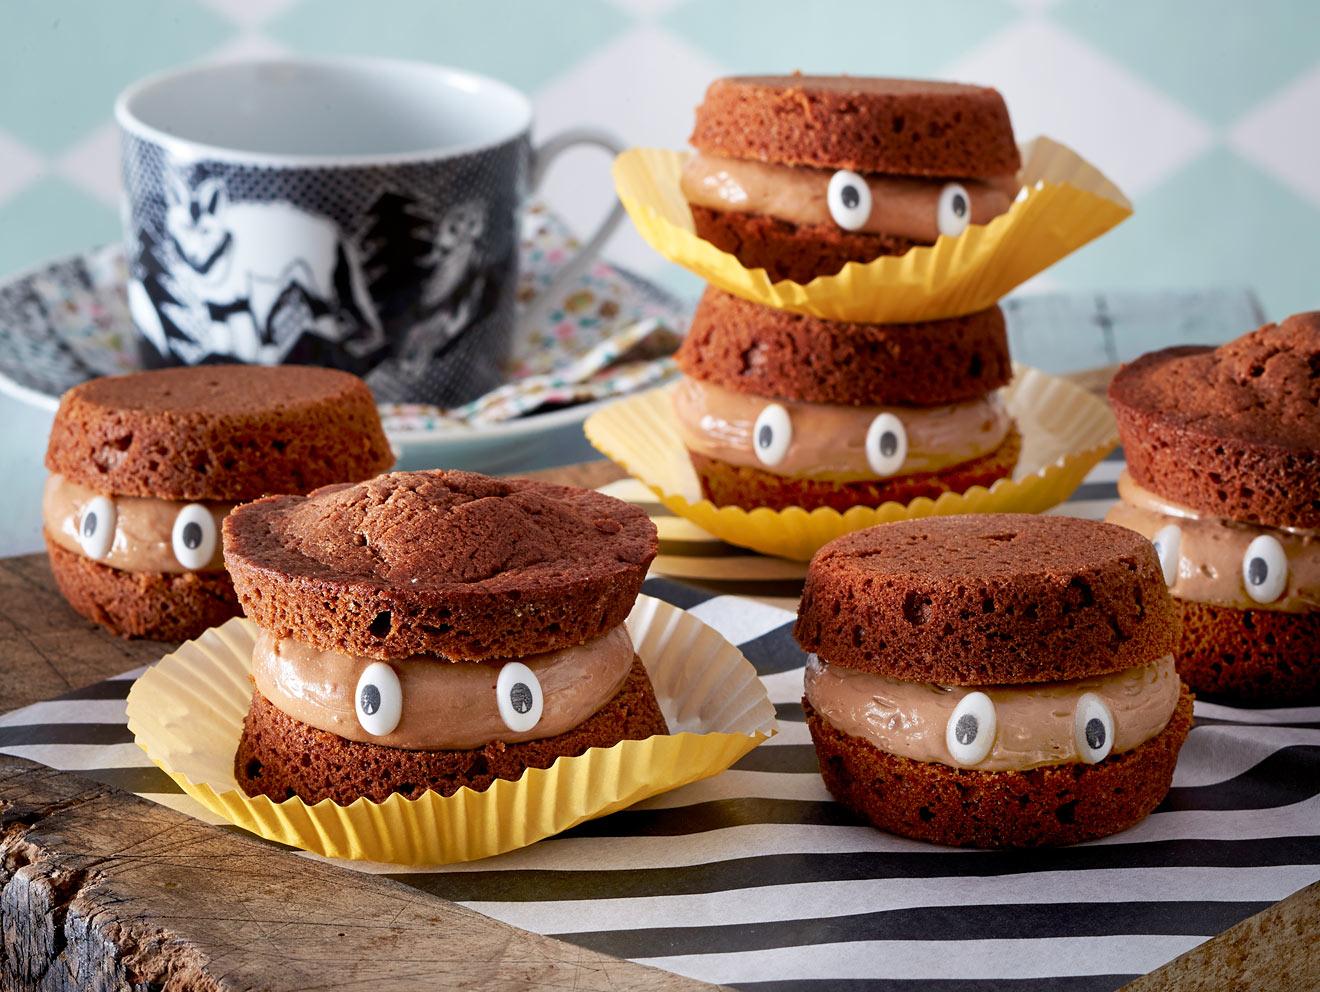 Lustige Muffins - Rezepte Für Kleine Kuchen Mit Spaßfaktor mit Lustige Muffins Für Kindergeburtstag